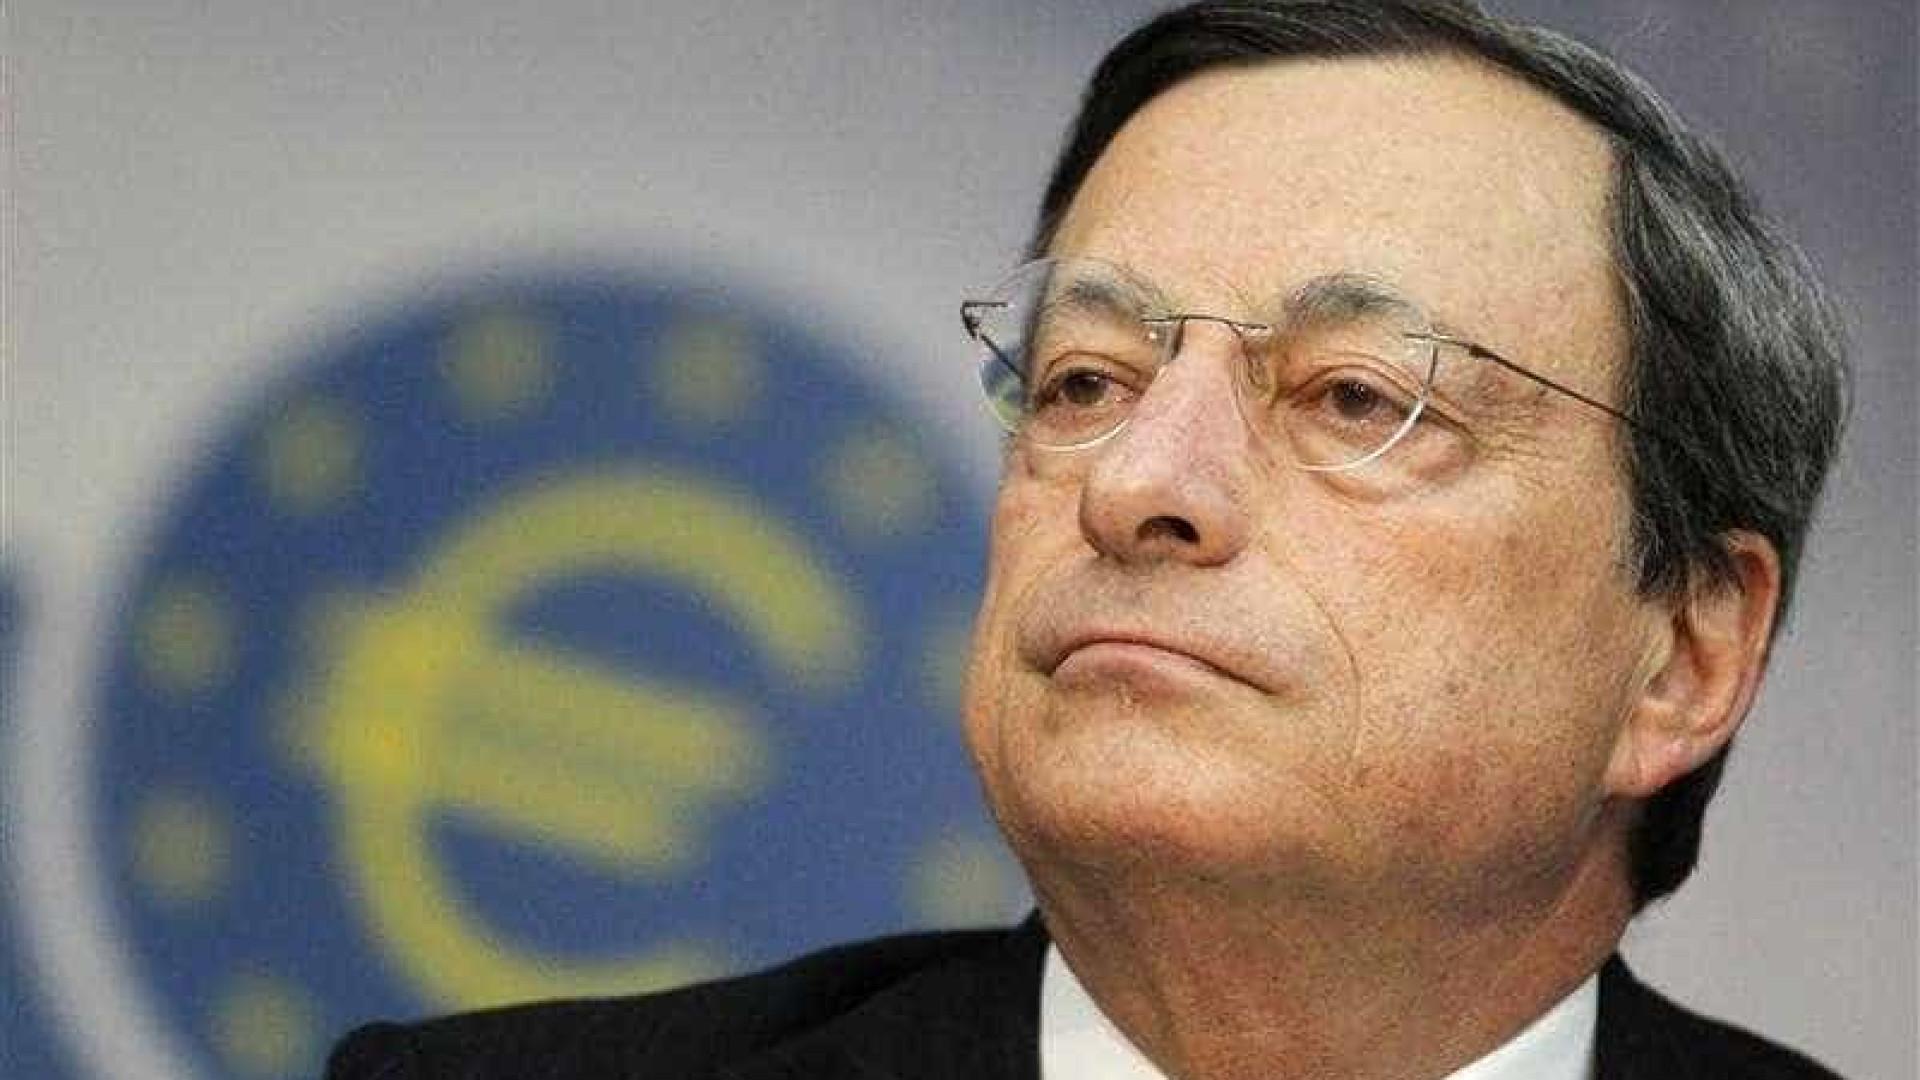 Número de bancos na zona euro diminui 25% em 8 anos